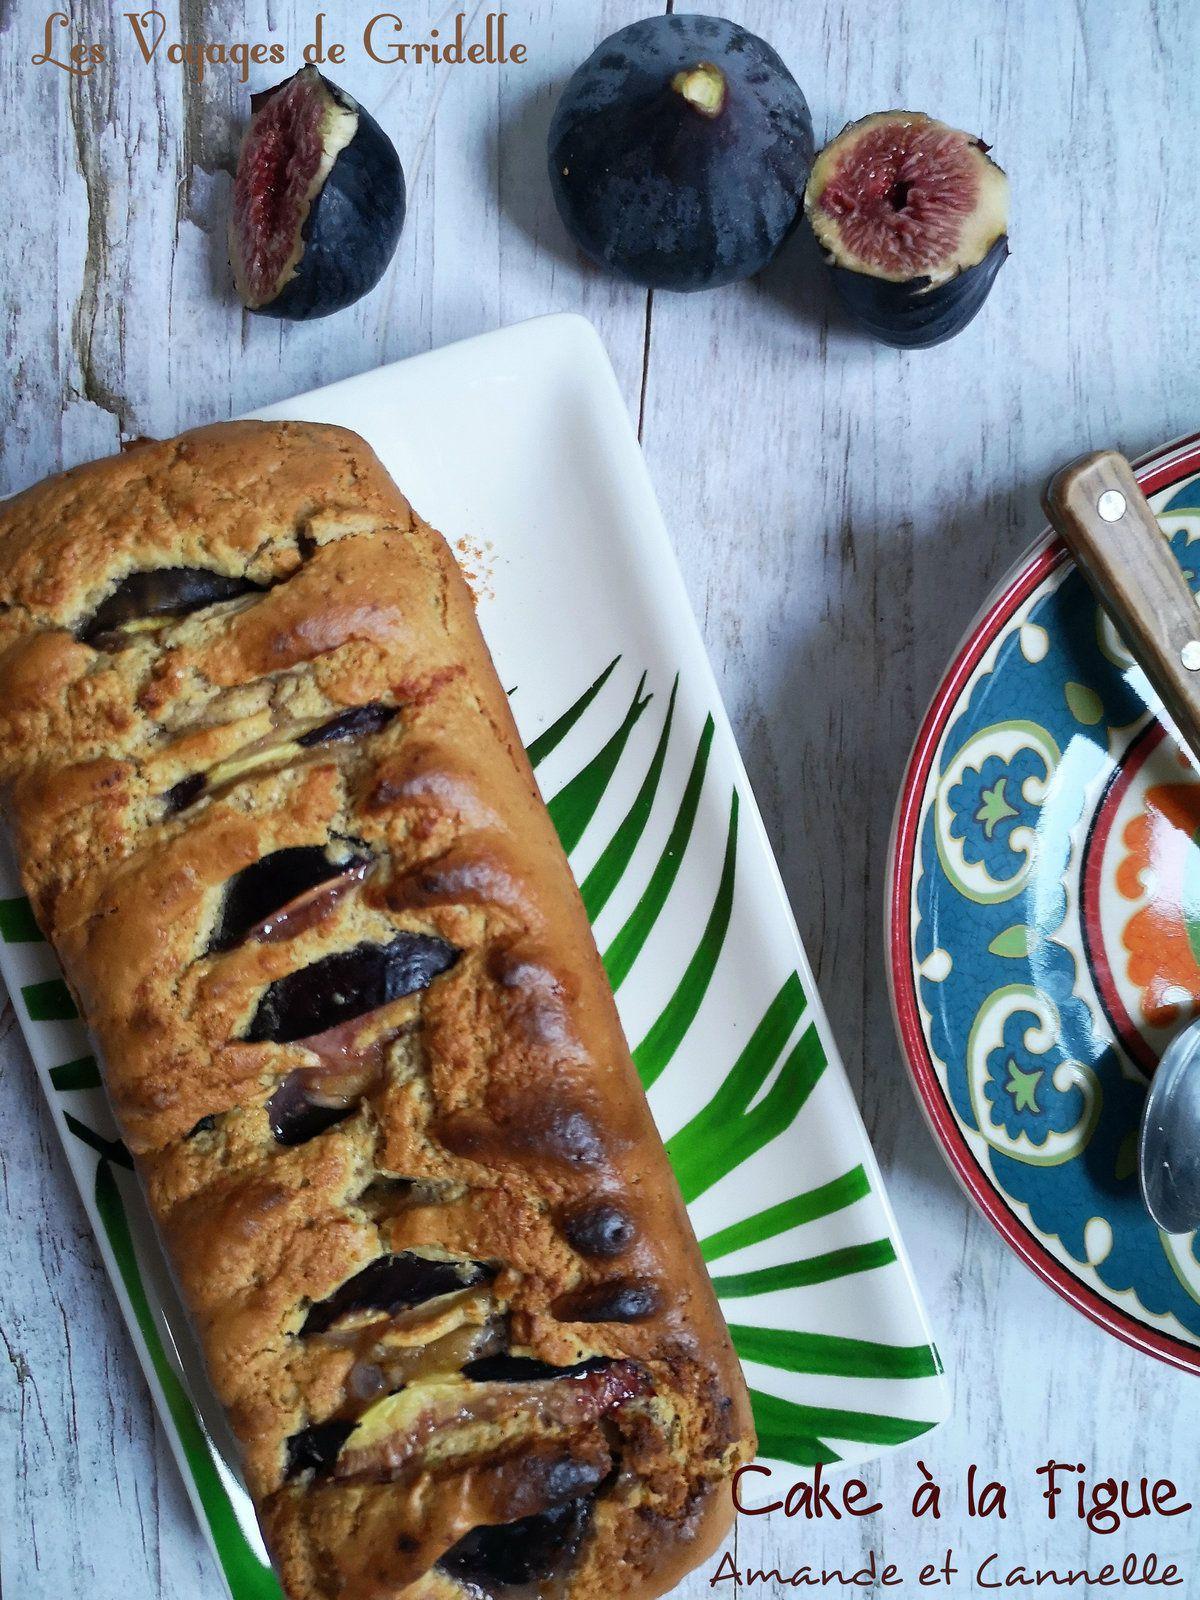 Cake à la Figue, Amande et Cannelle - Les Voyages de Gridelle